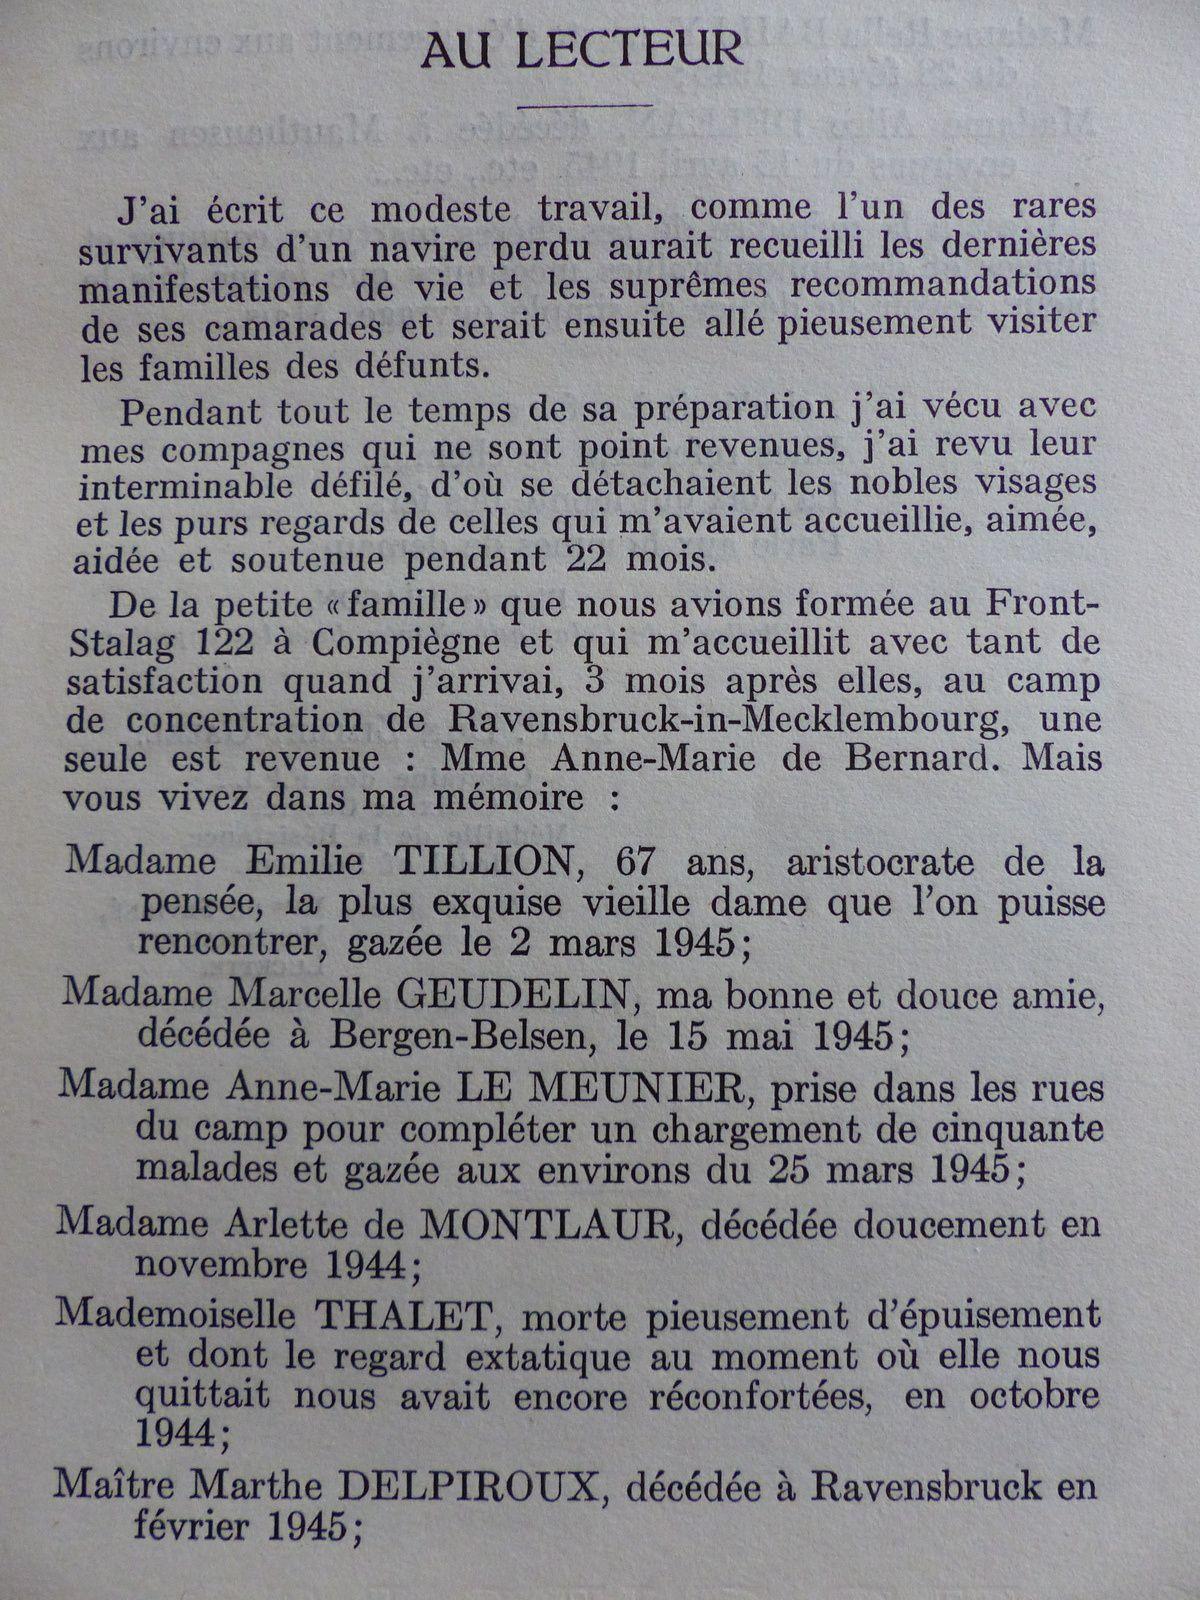 Grand mère de mes 2 filles ainées, résistante courageuse ,qui vécut en déportation avec E.Tillon,G.De Gaulle,et une quarantaine d'autres femmes célèbres ou non, qui toutes survécurent grâce à elle ,&#x3B; médecin de l'impossible et  qui écrivit cet ouvrage à compte d'auteur, pour témoigner(dont ici les premières pages )....Moi , je n'ai pas oublié, ni tes petites filles.JFVC.